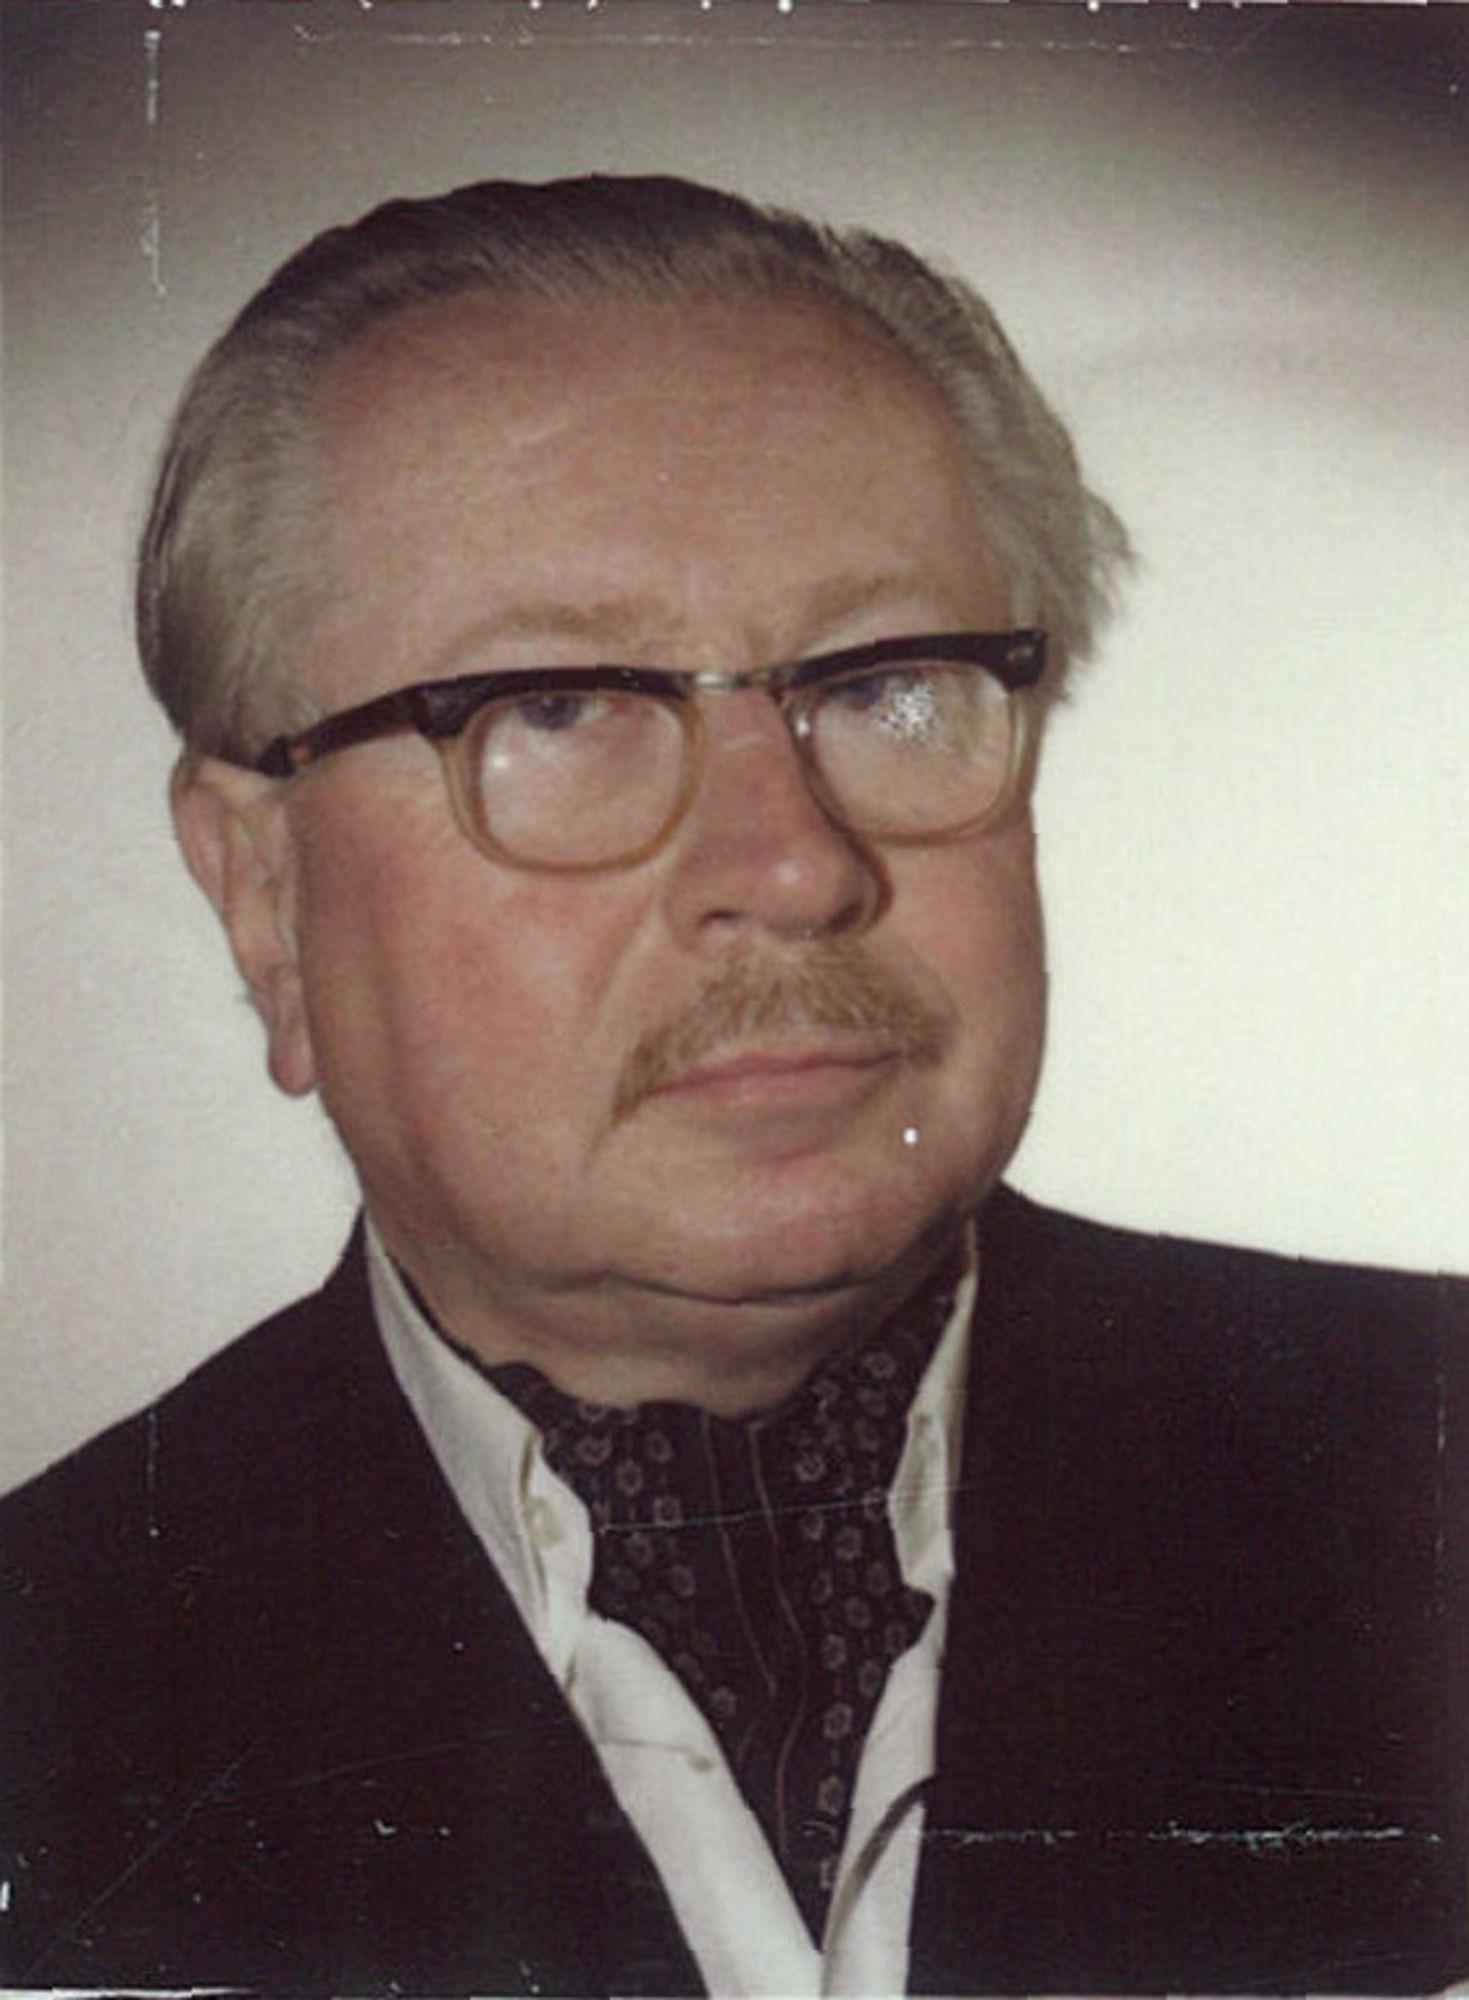 Pasfoto van Willy Buyse